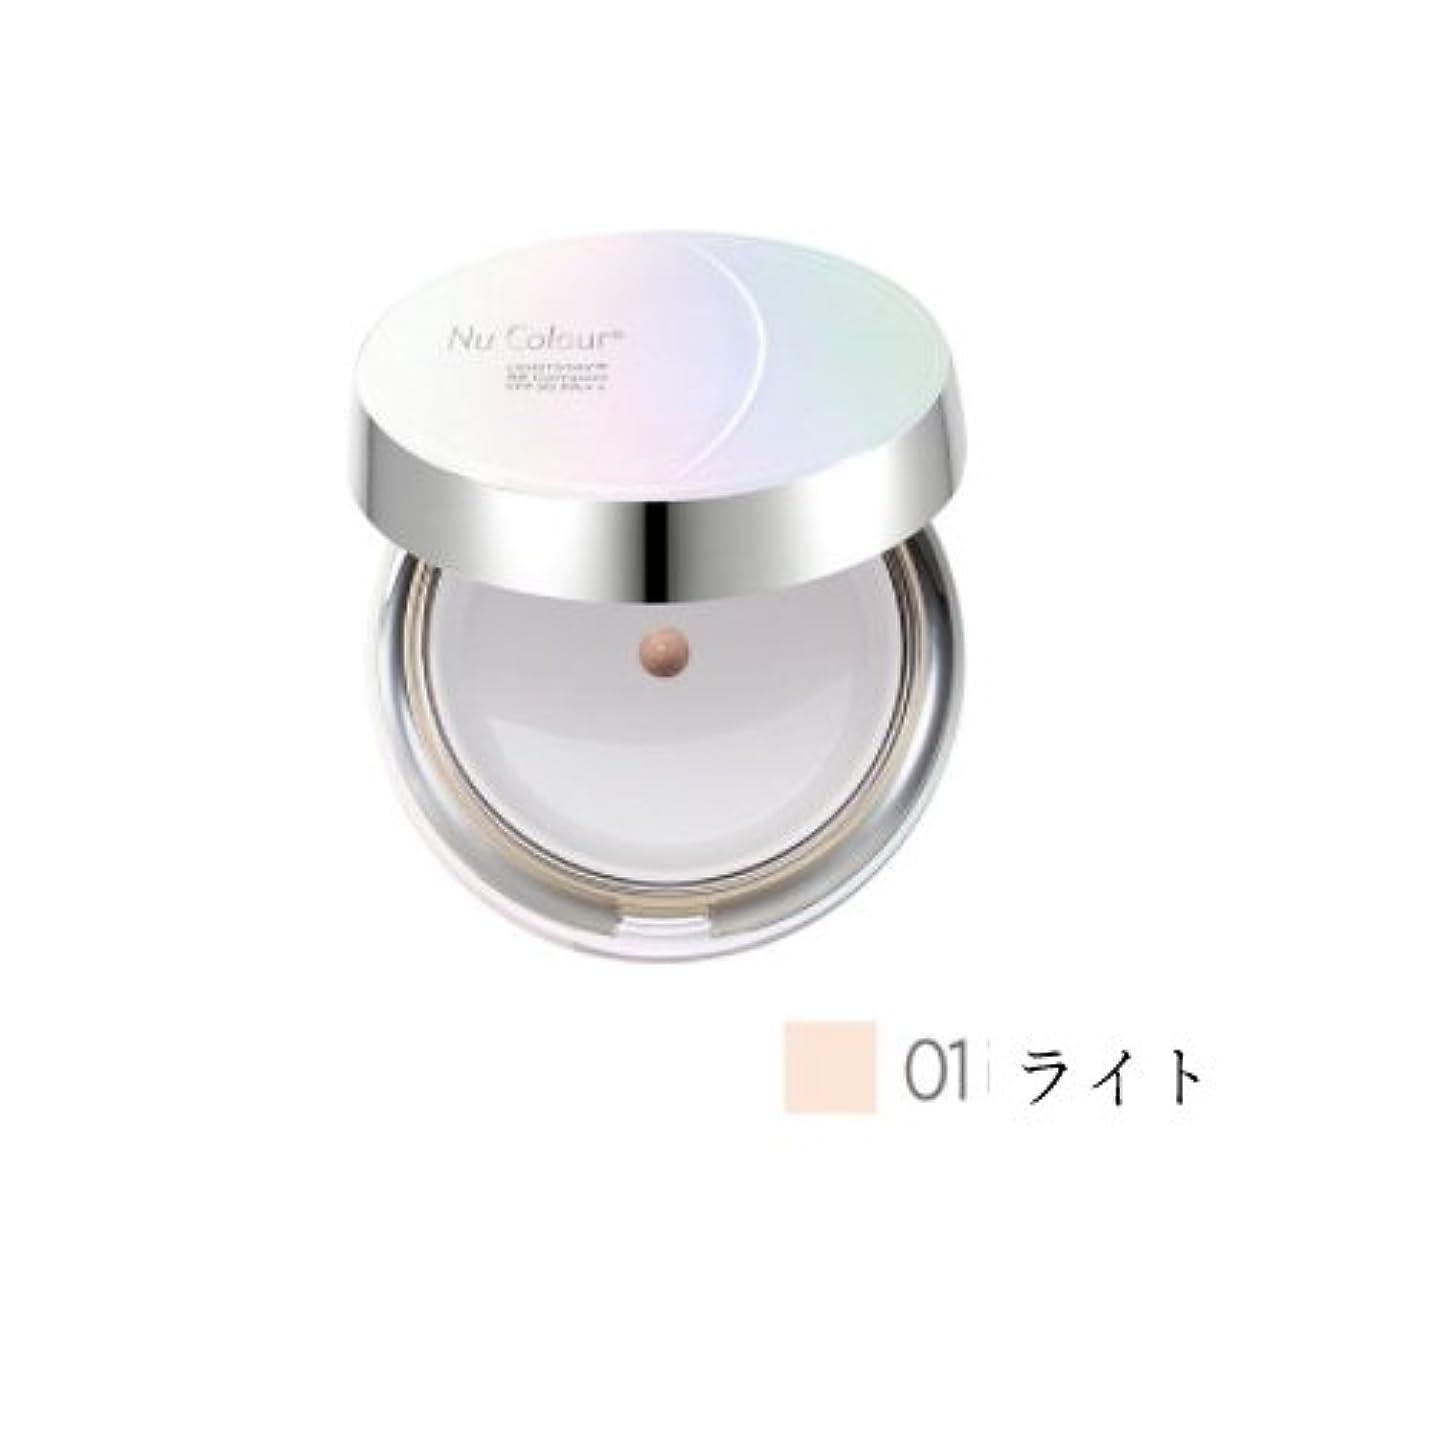 勧める教育バイナリニュースキン ライトステイビビコンパクトSPF30 PA++01ライト BB Compact 01 Light [並行輸入品]